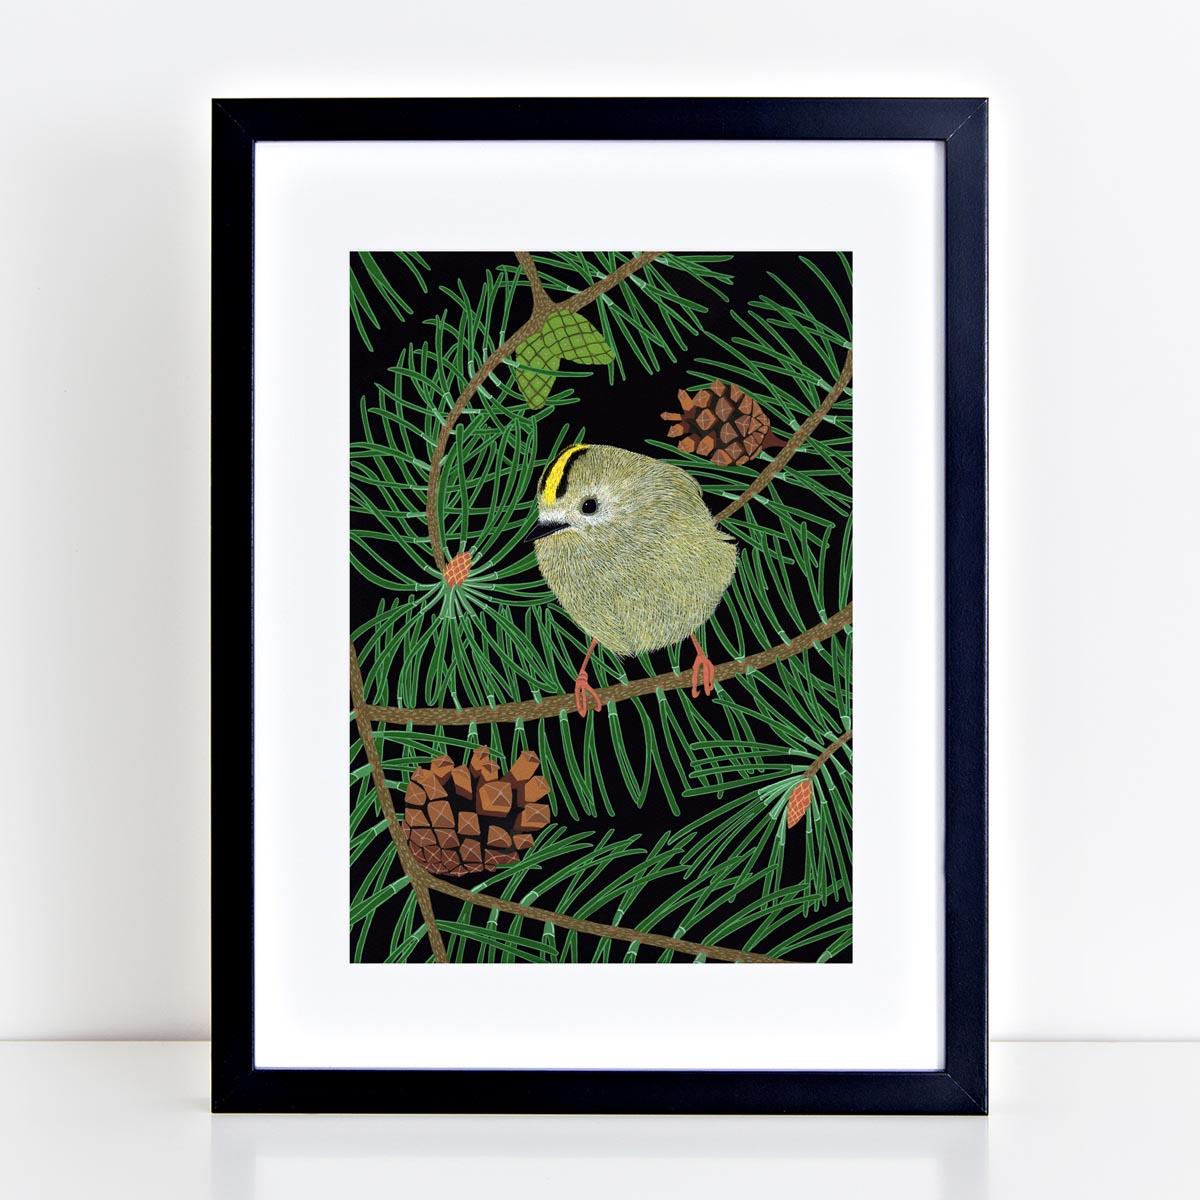 Gold Crest Art Print by Bird the Artist